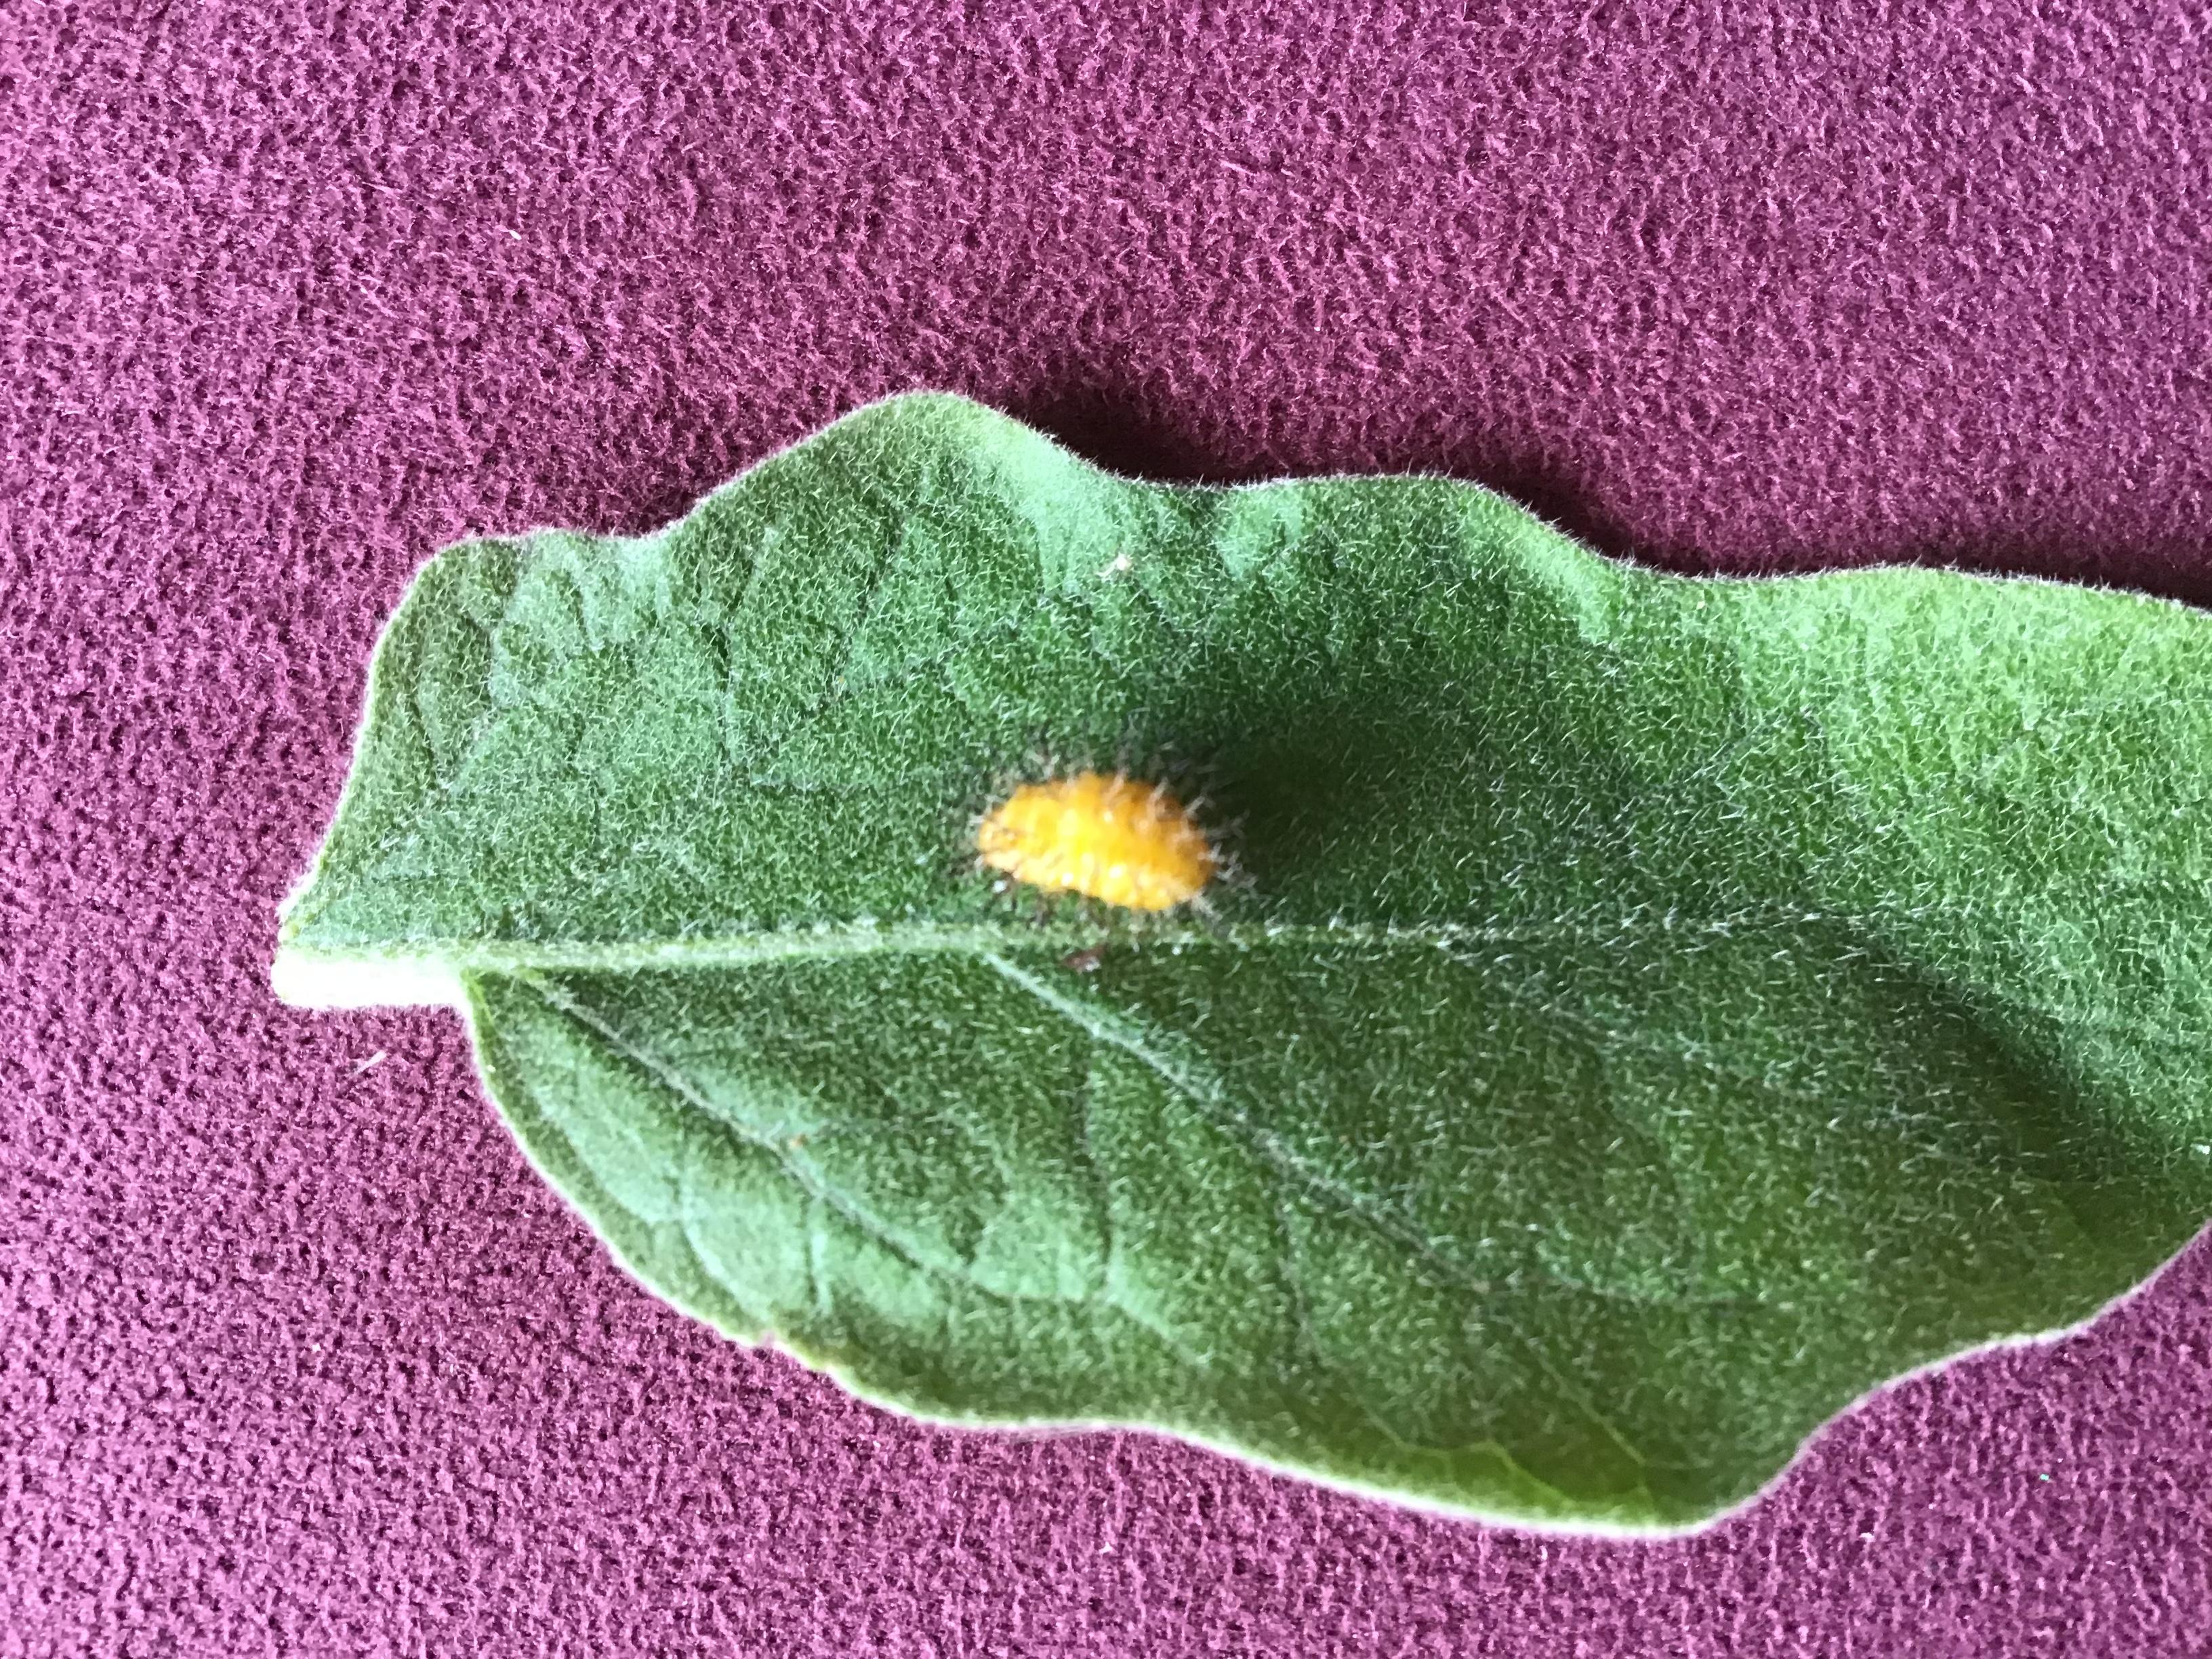 Yellow bug on eggplant